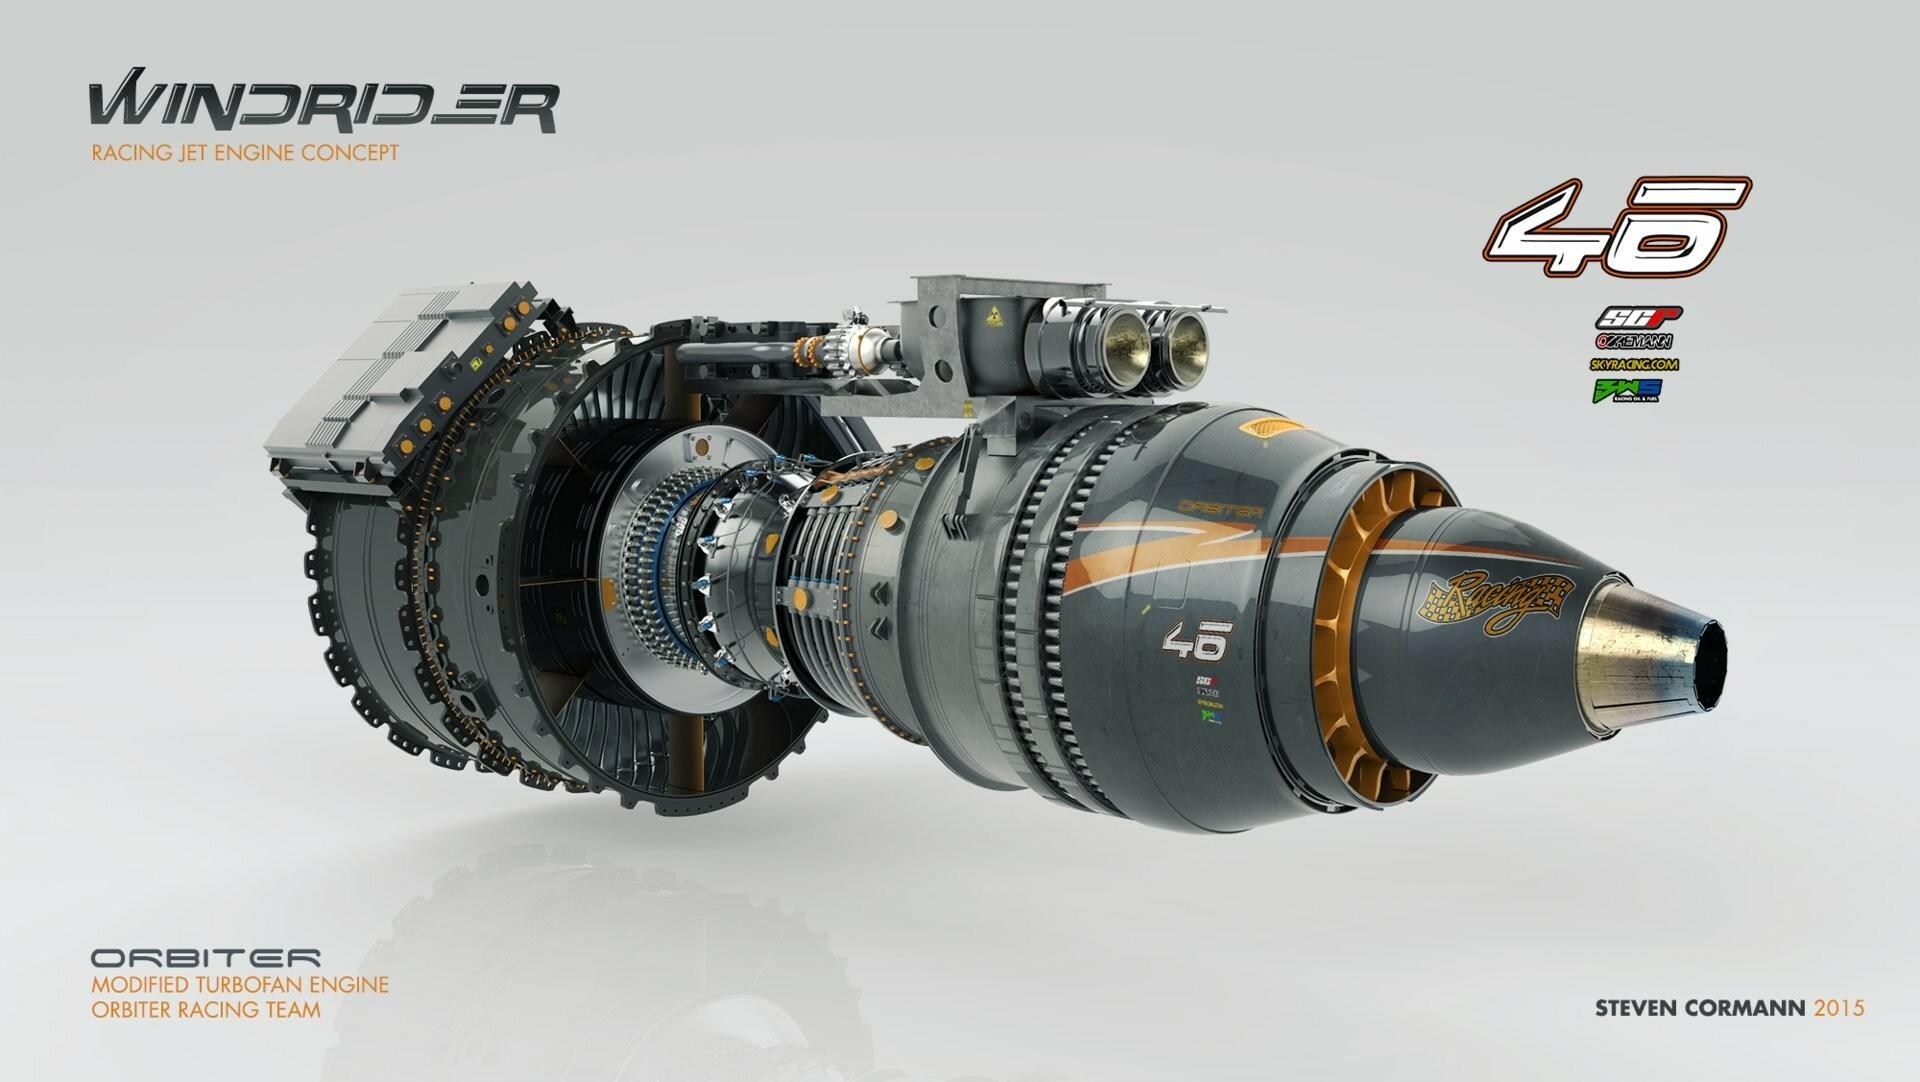 ArtStation - Jet engines 2015, Steven Cormann